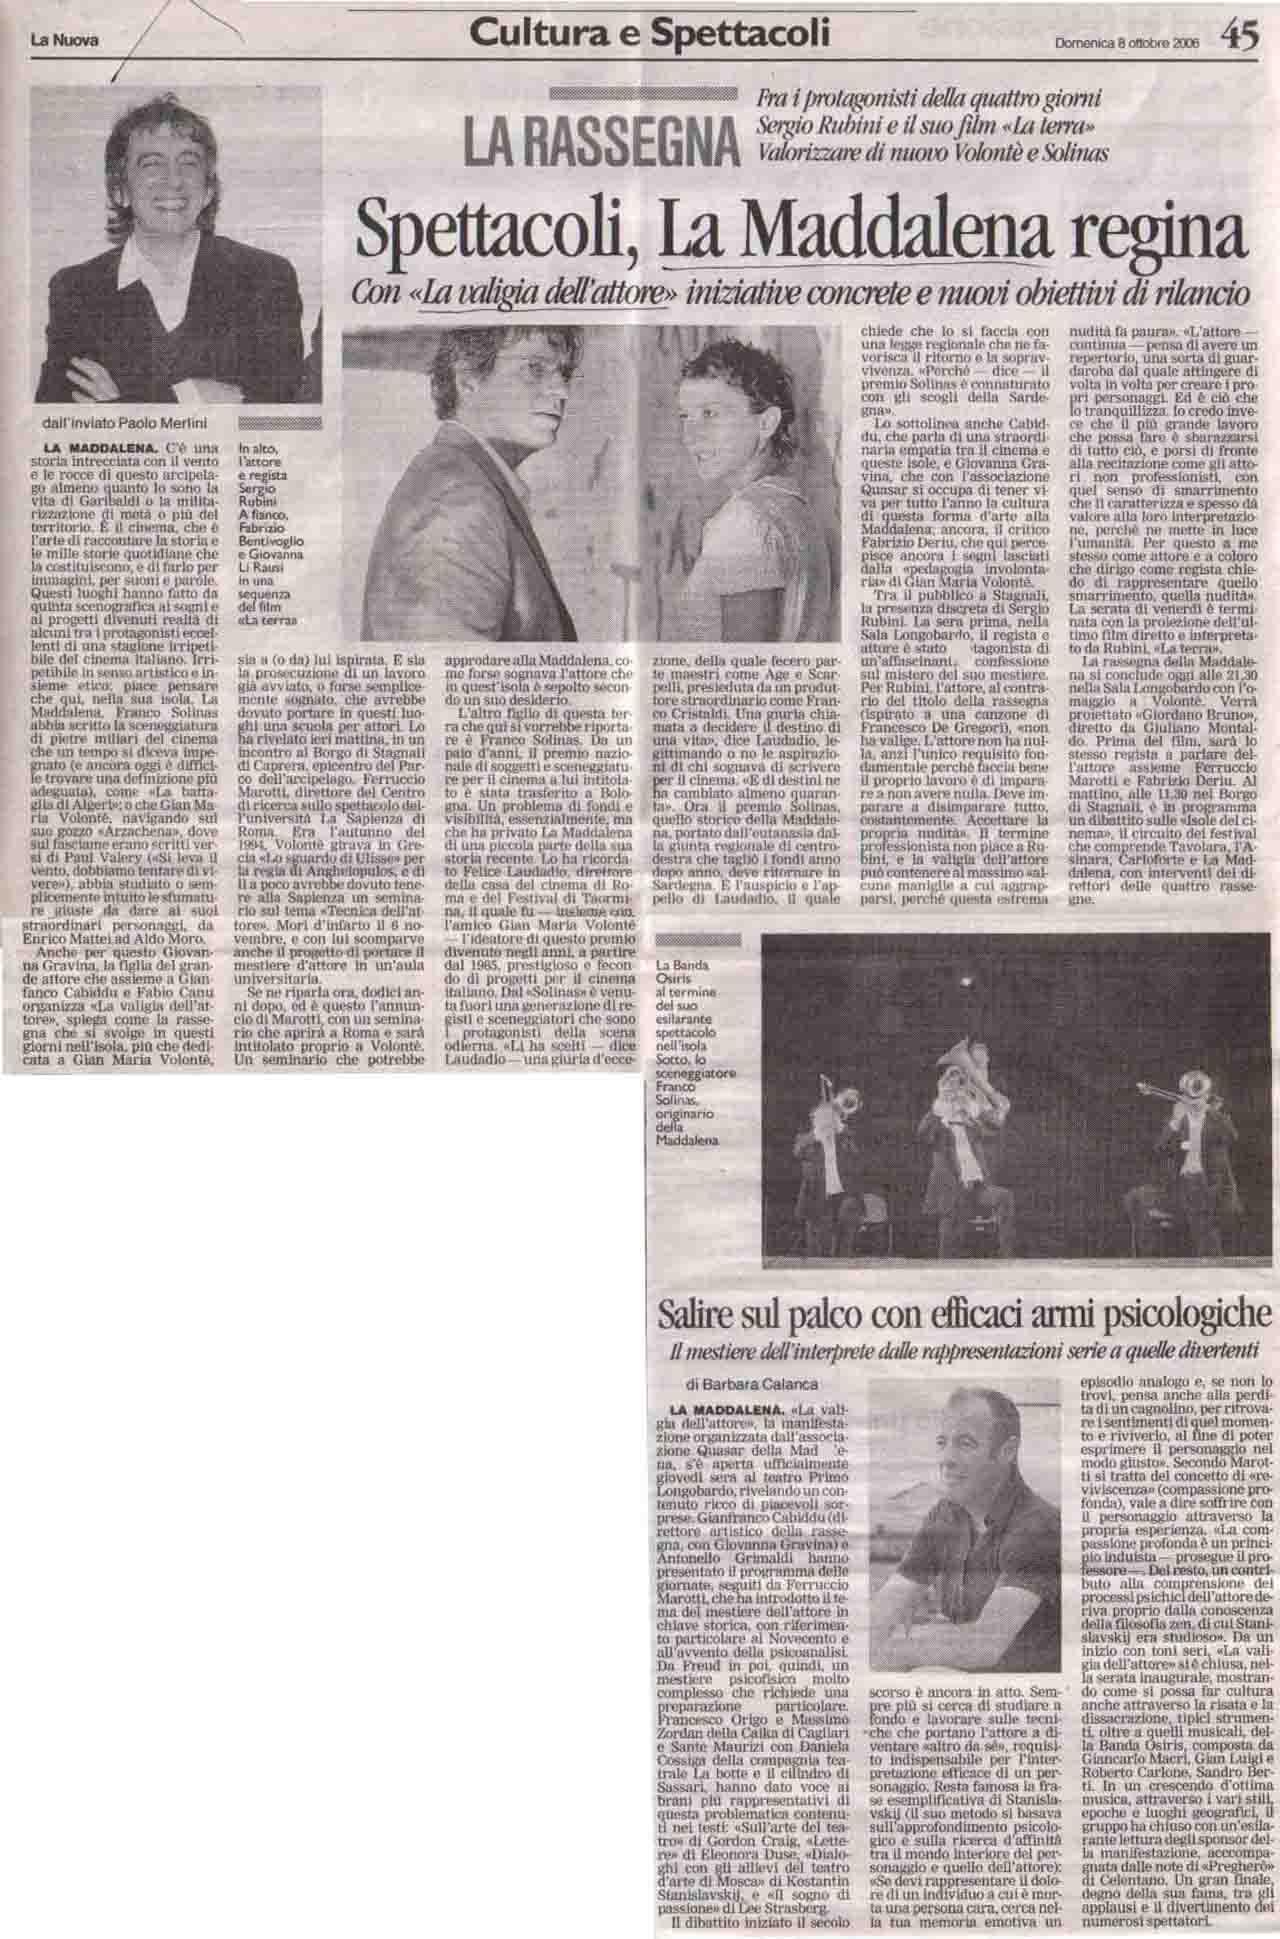 La Nuova (cultura) 8 ott 2006